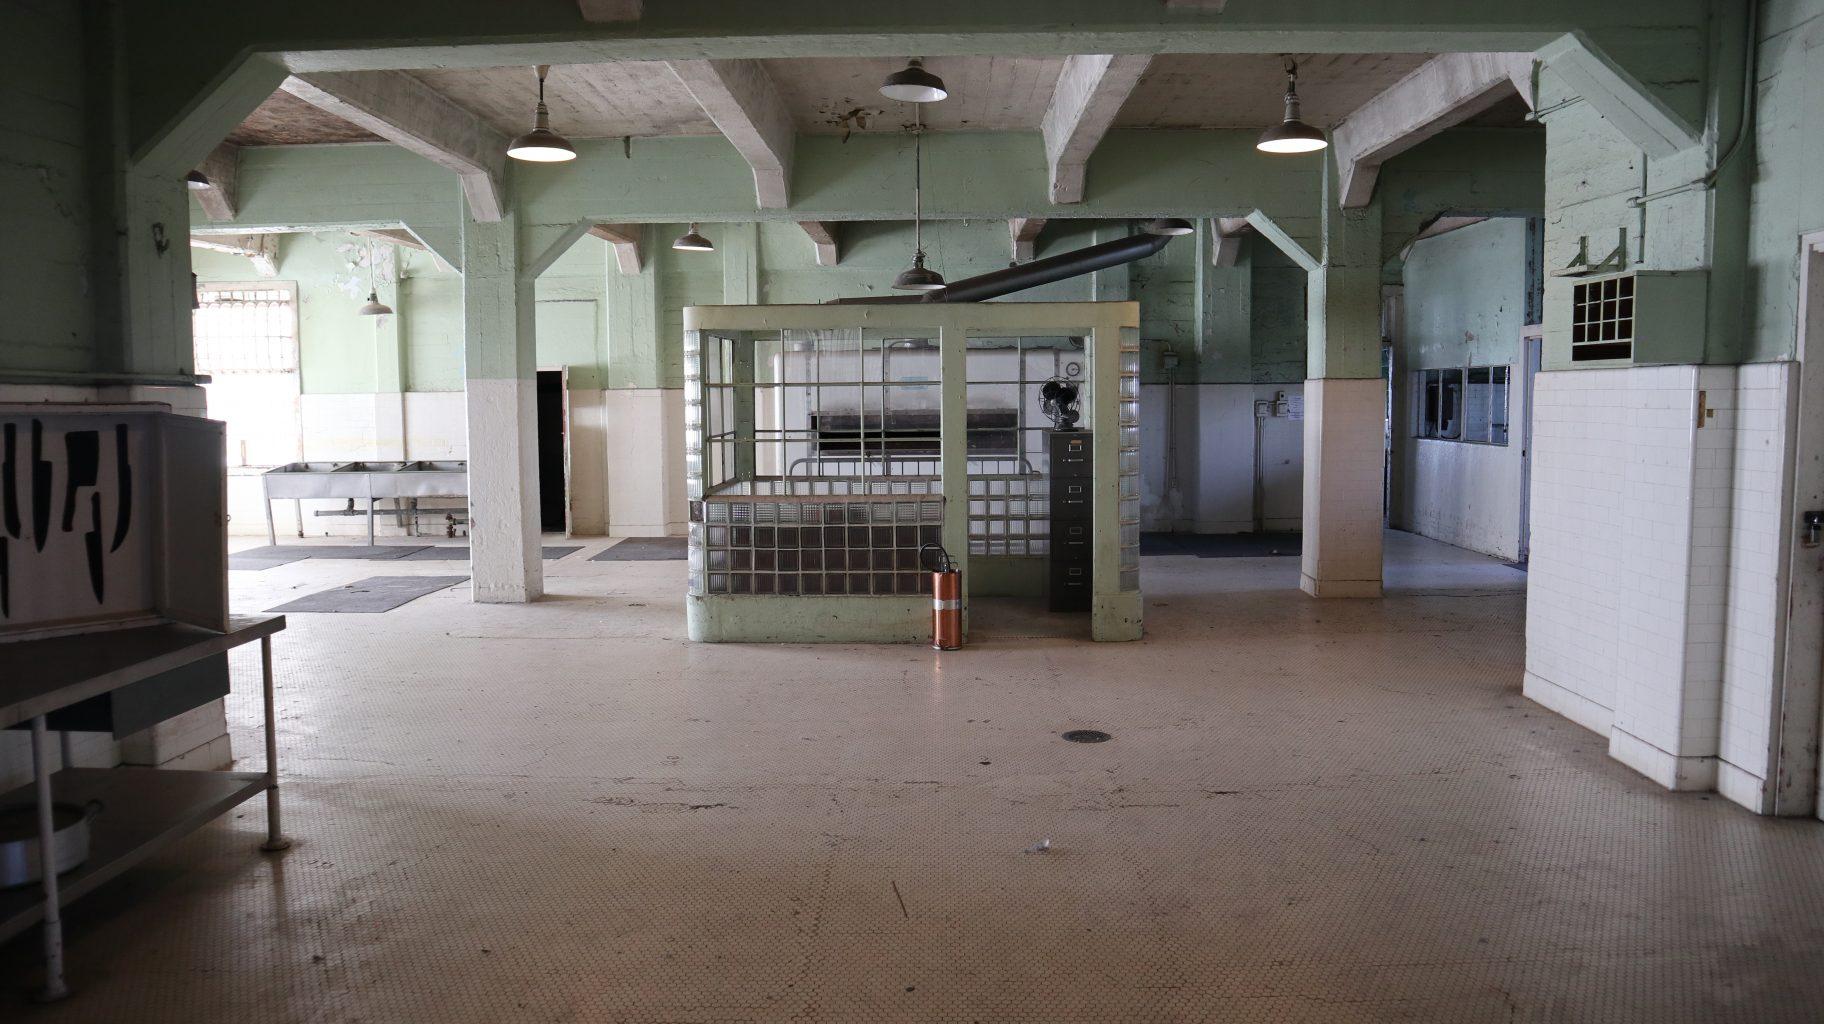 Cocina de Alcatraz. Visitar la cárcel de Alcatraz